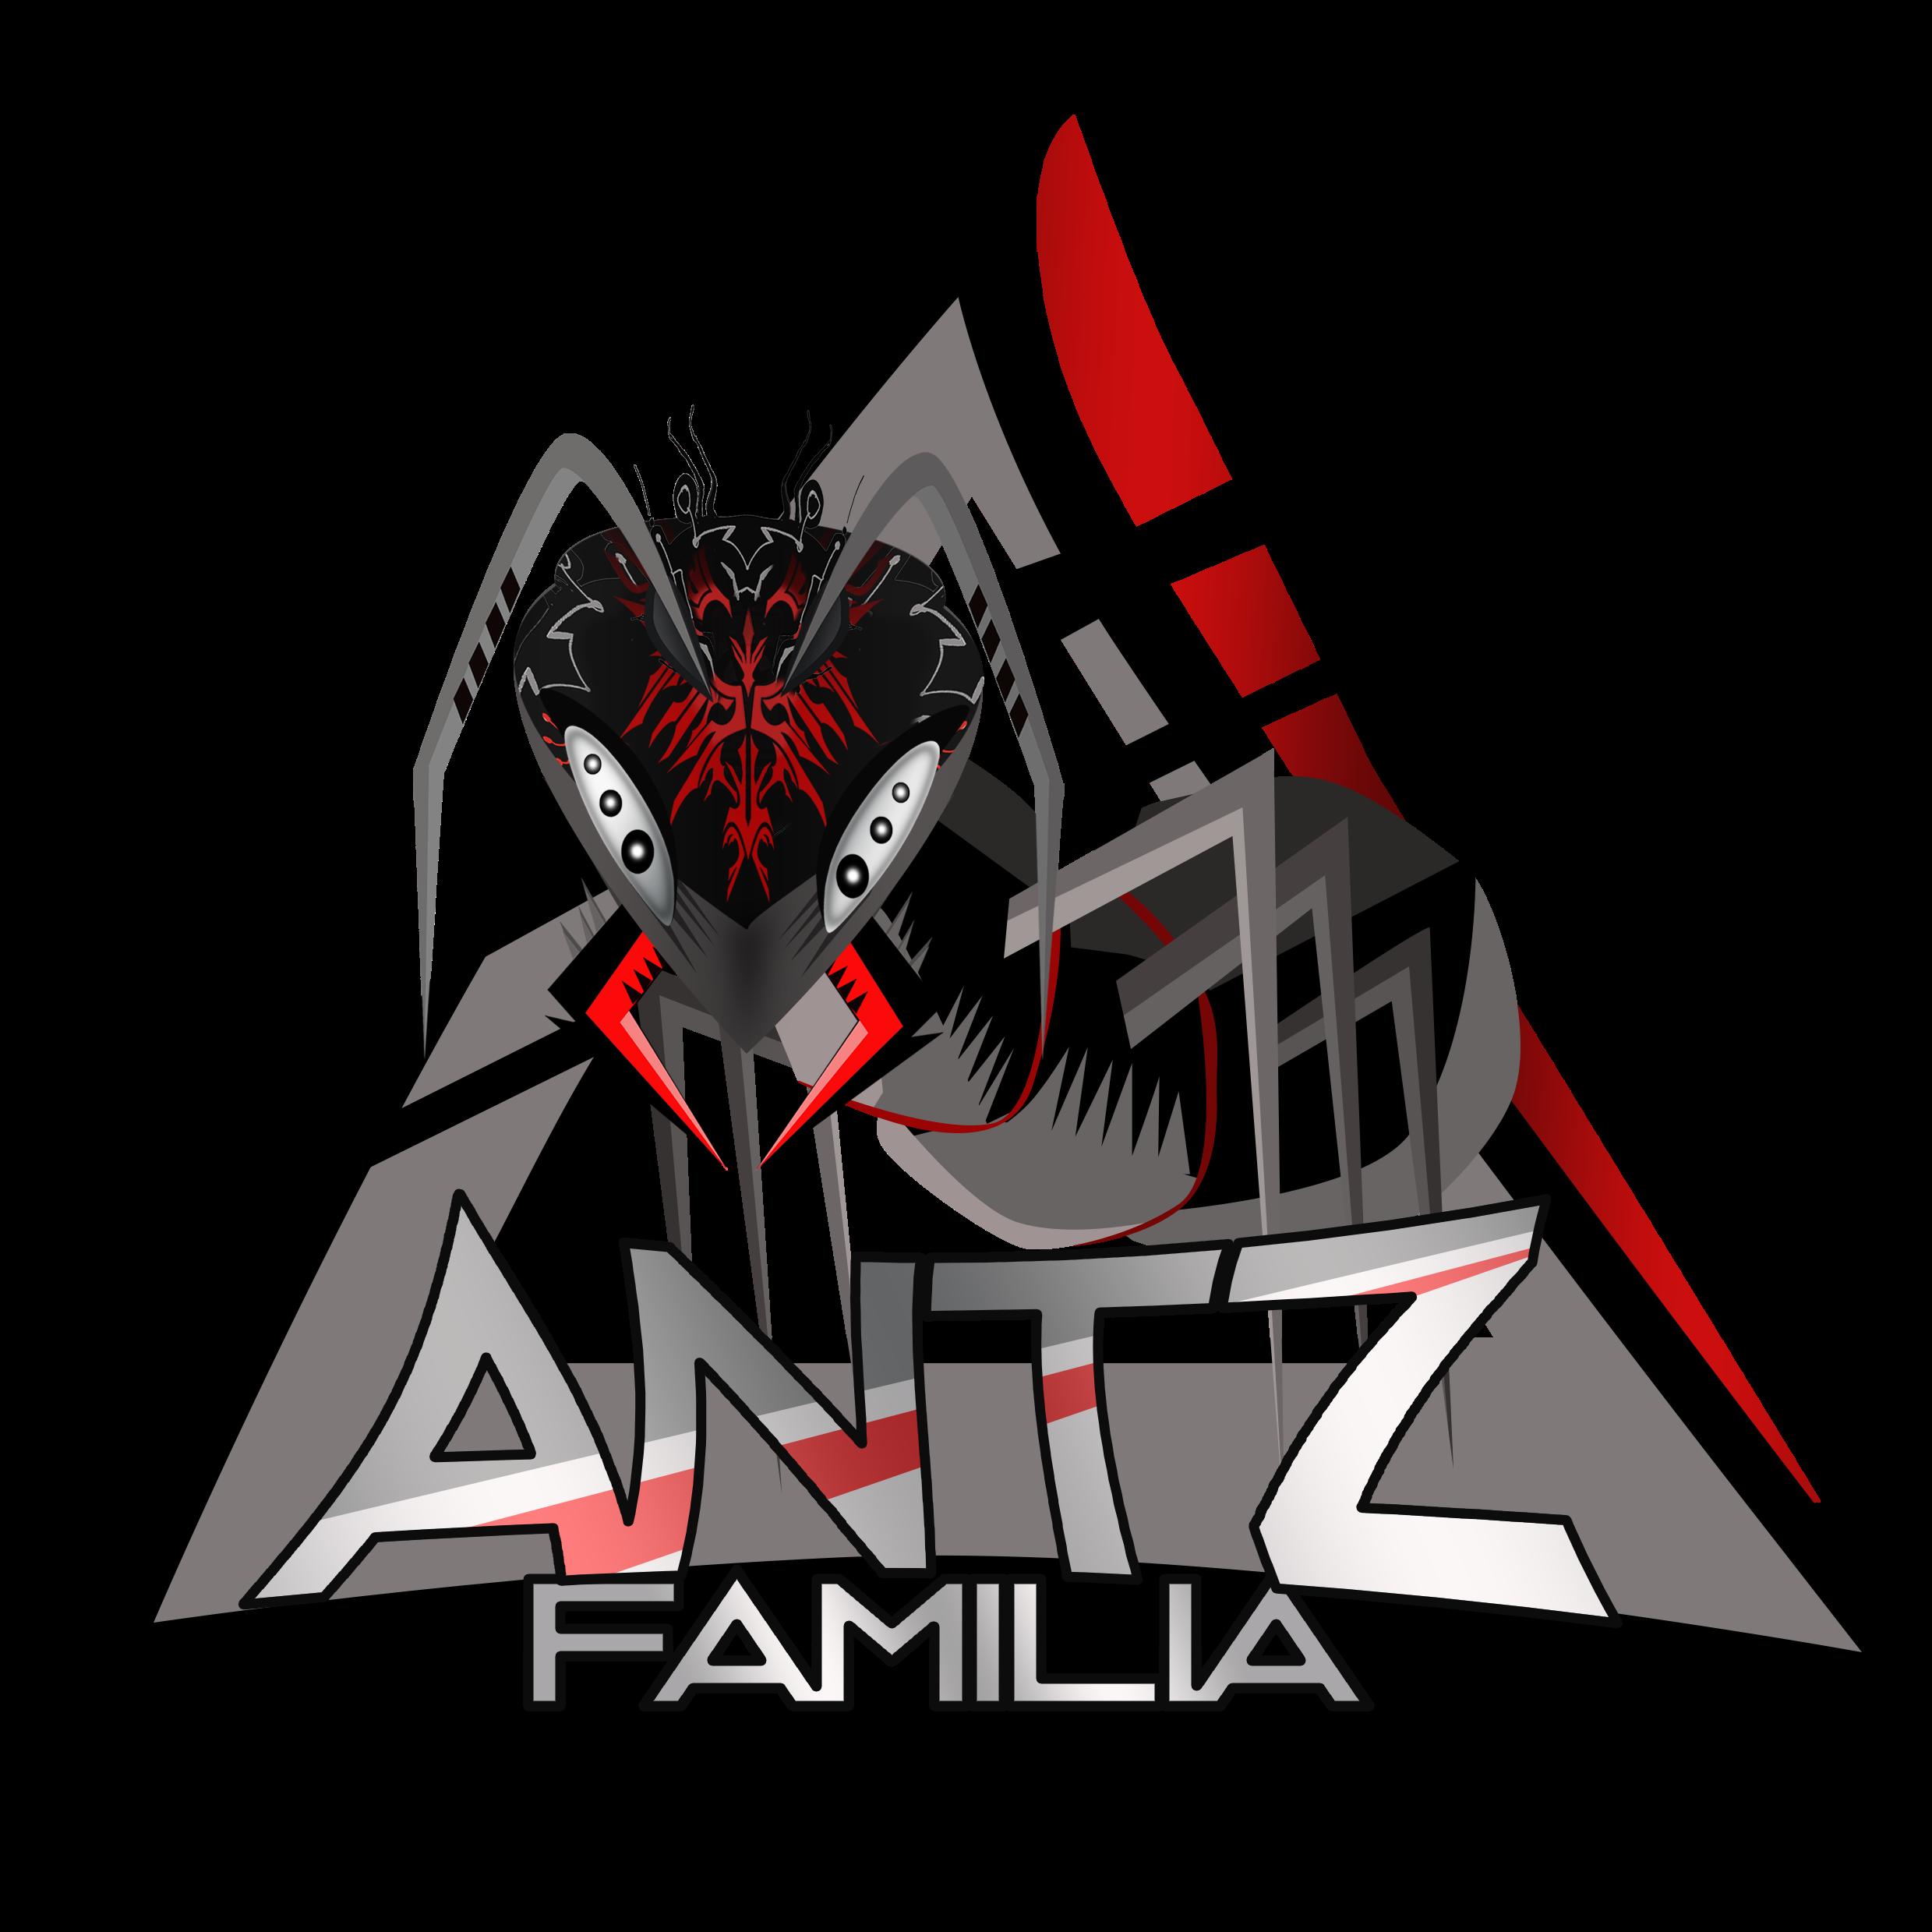 Antzfamilia Radio